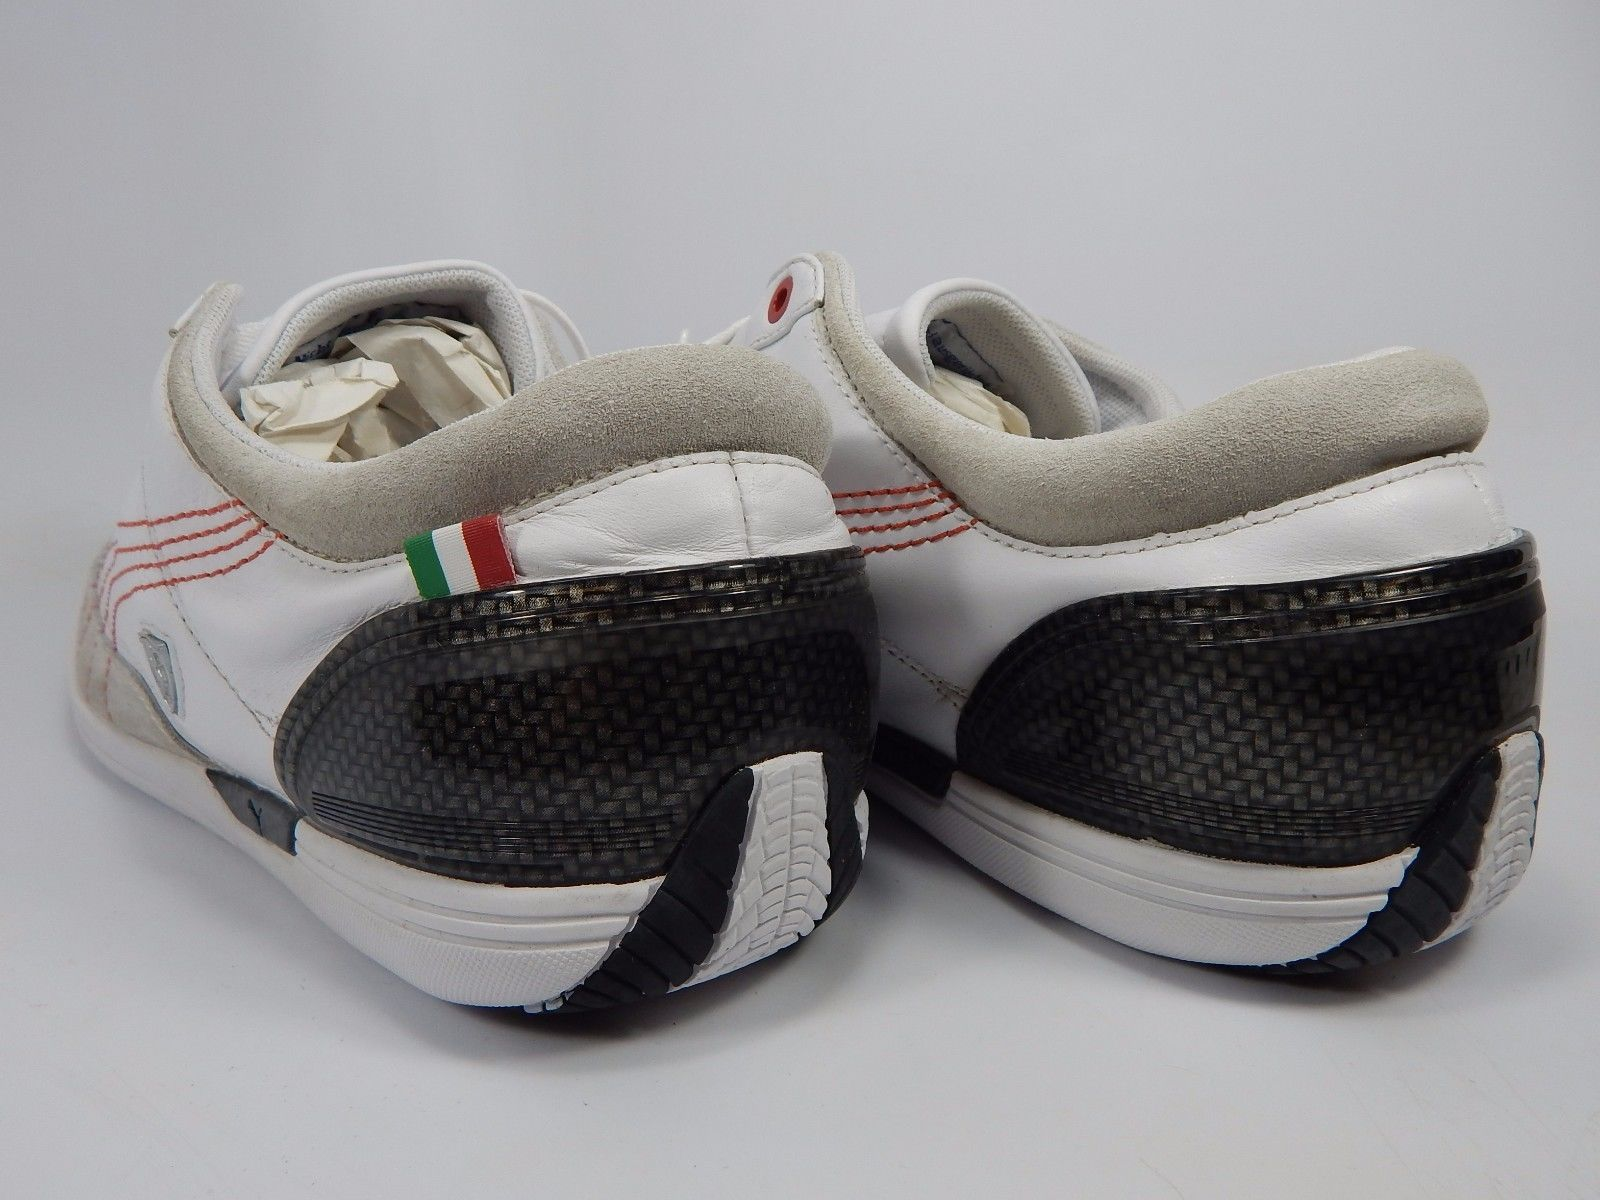 Puma D Force LO Men's Athletic Sneakers Shoes Size US 11.5 M (D) EU 45 White